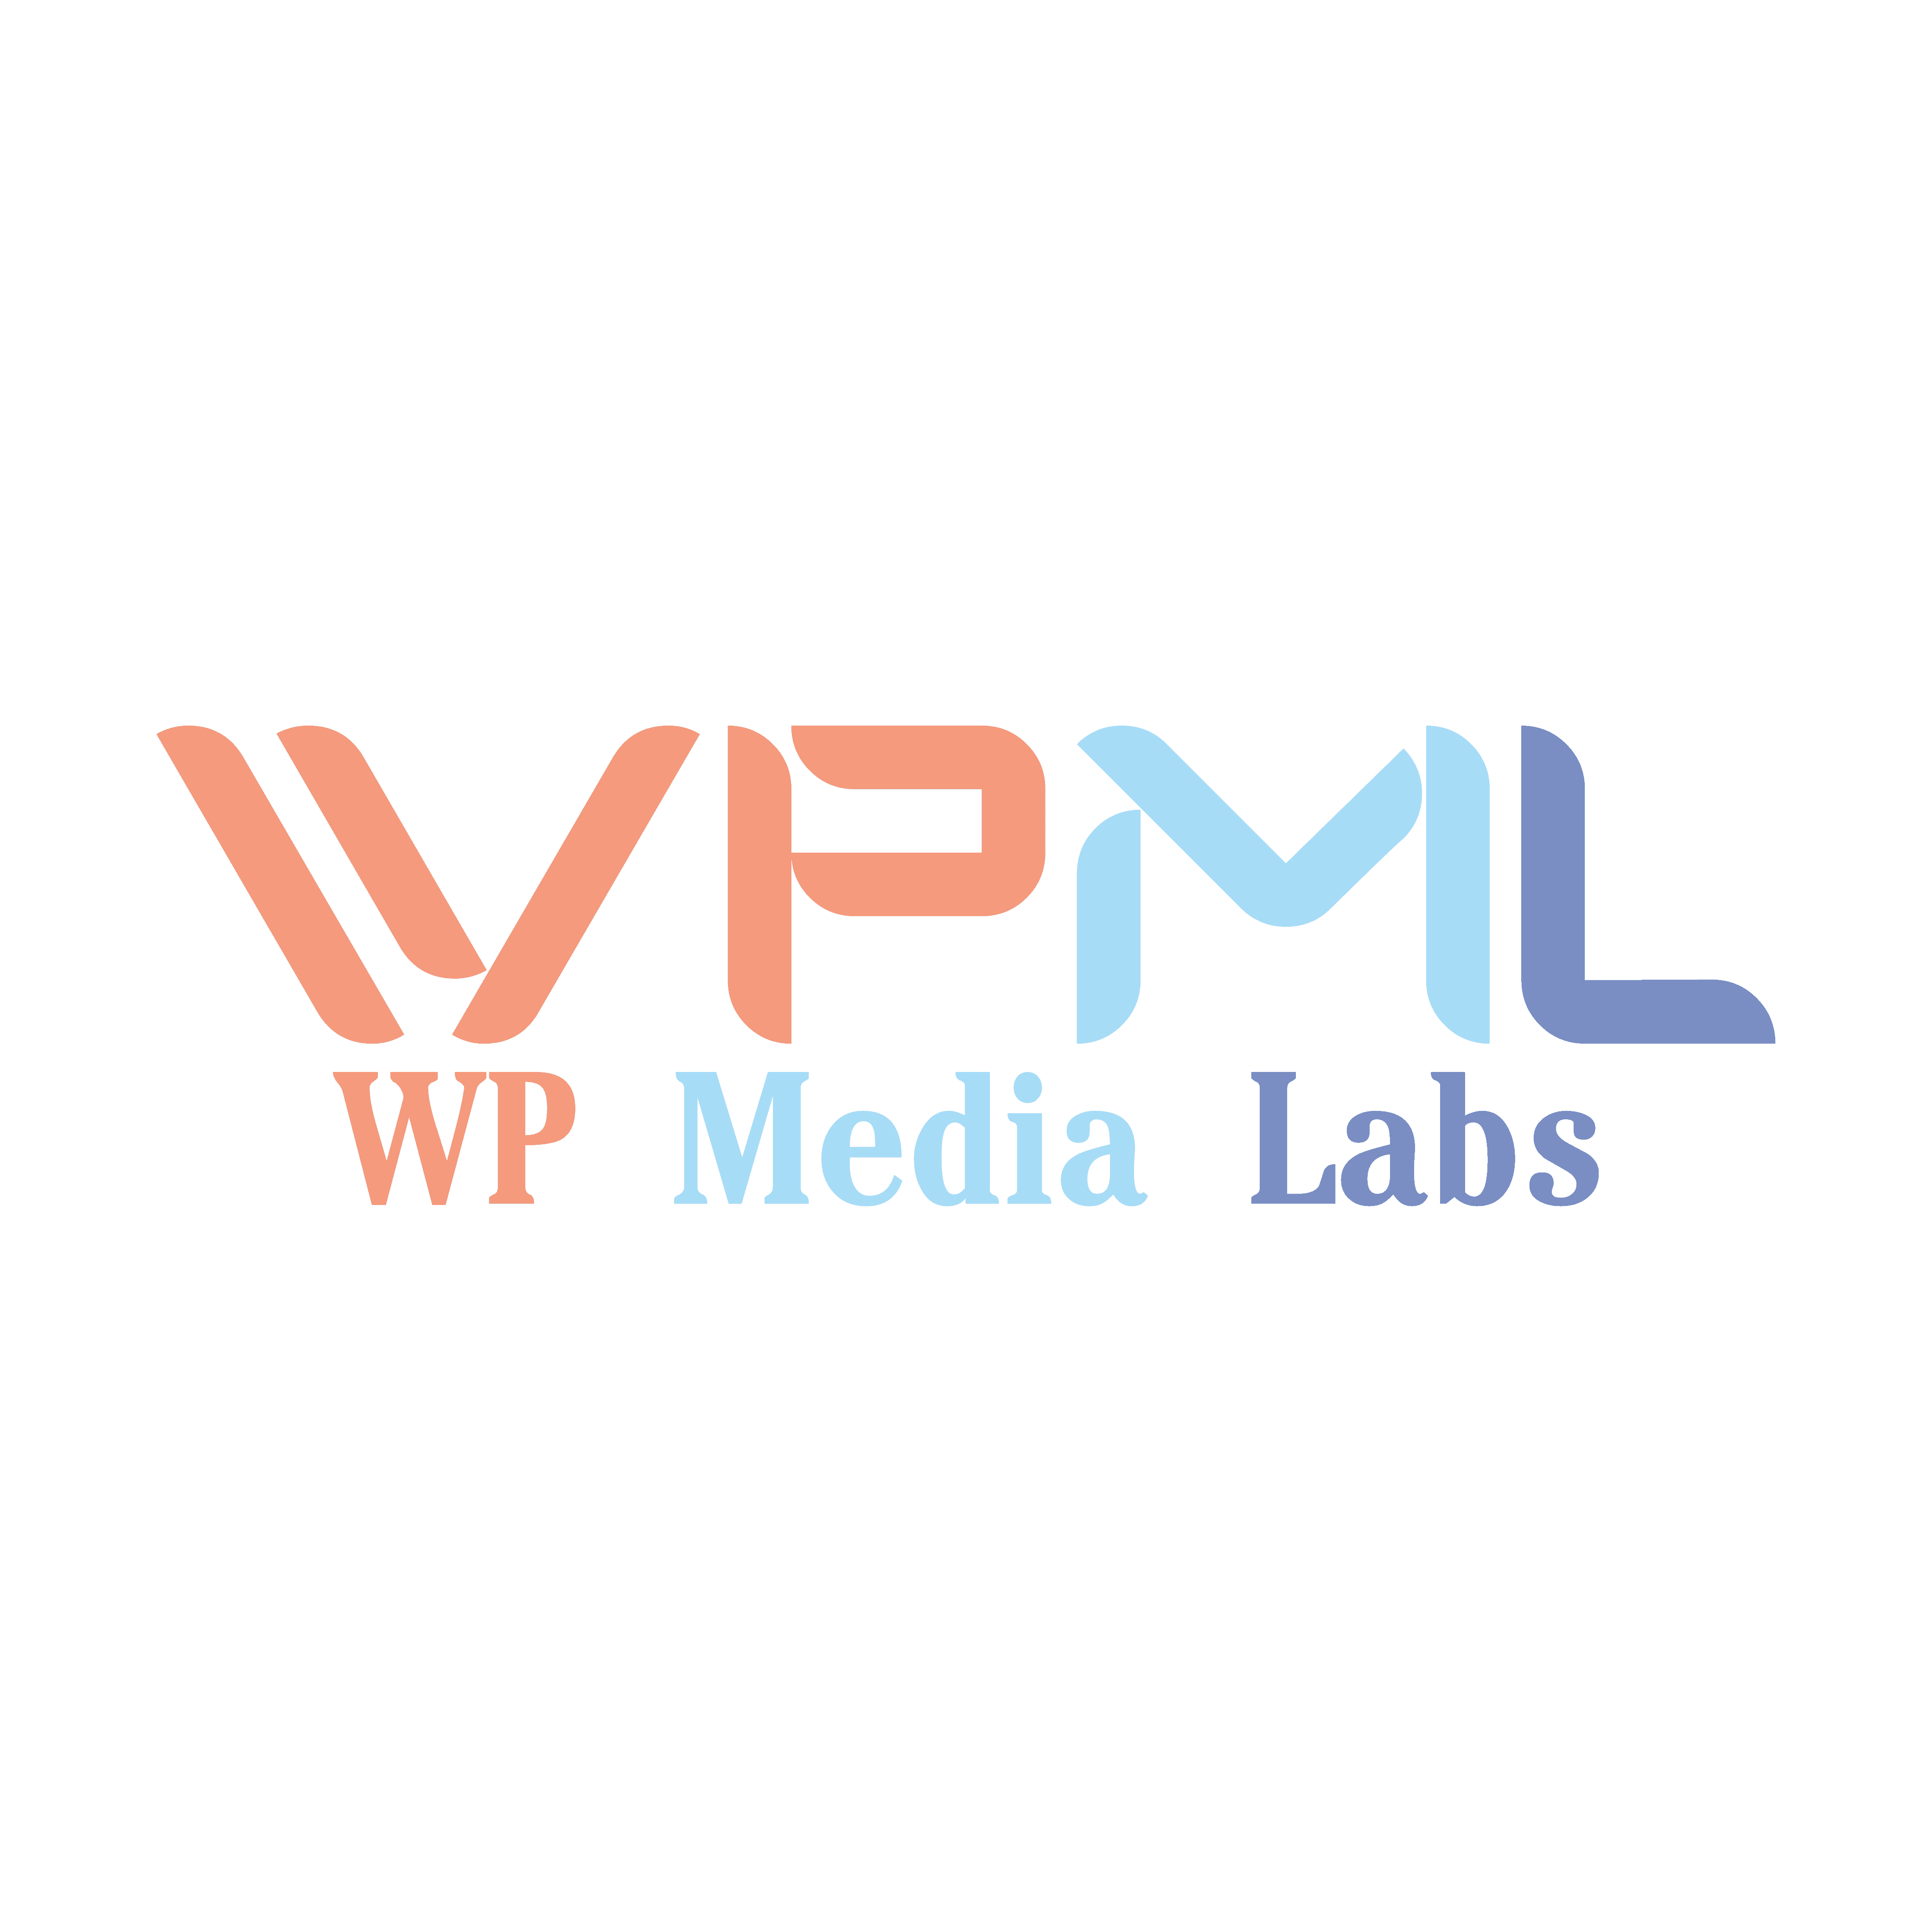 WP Media Labs